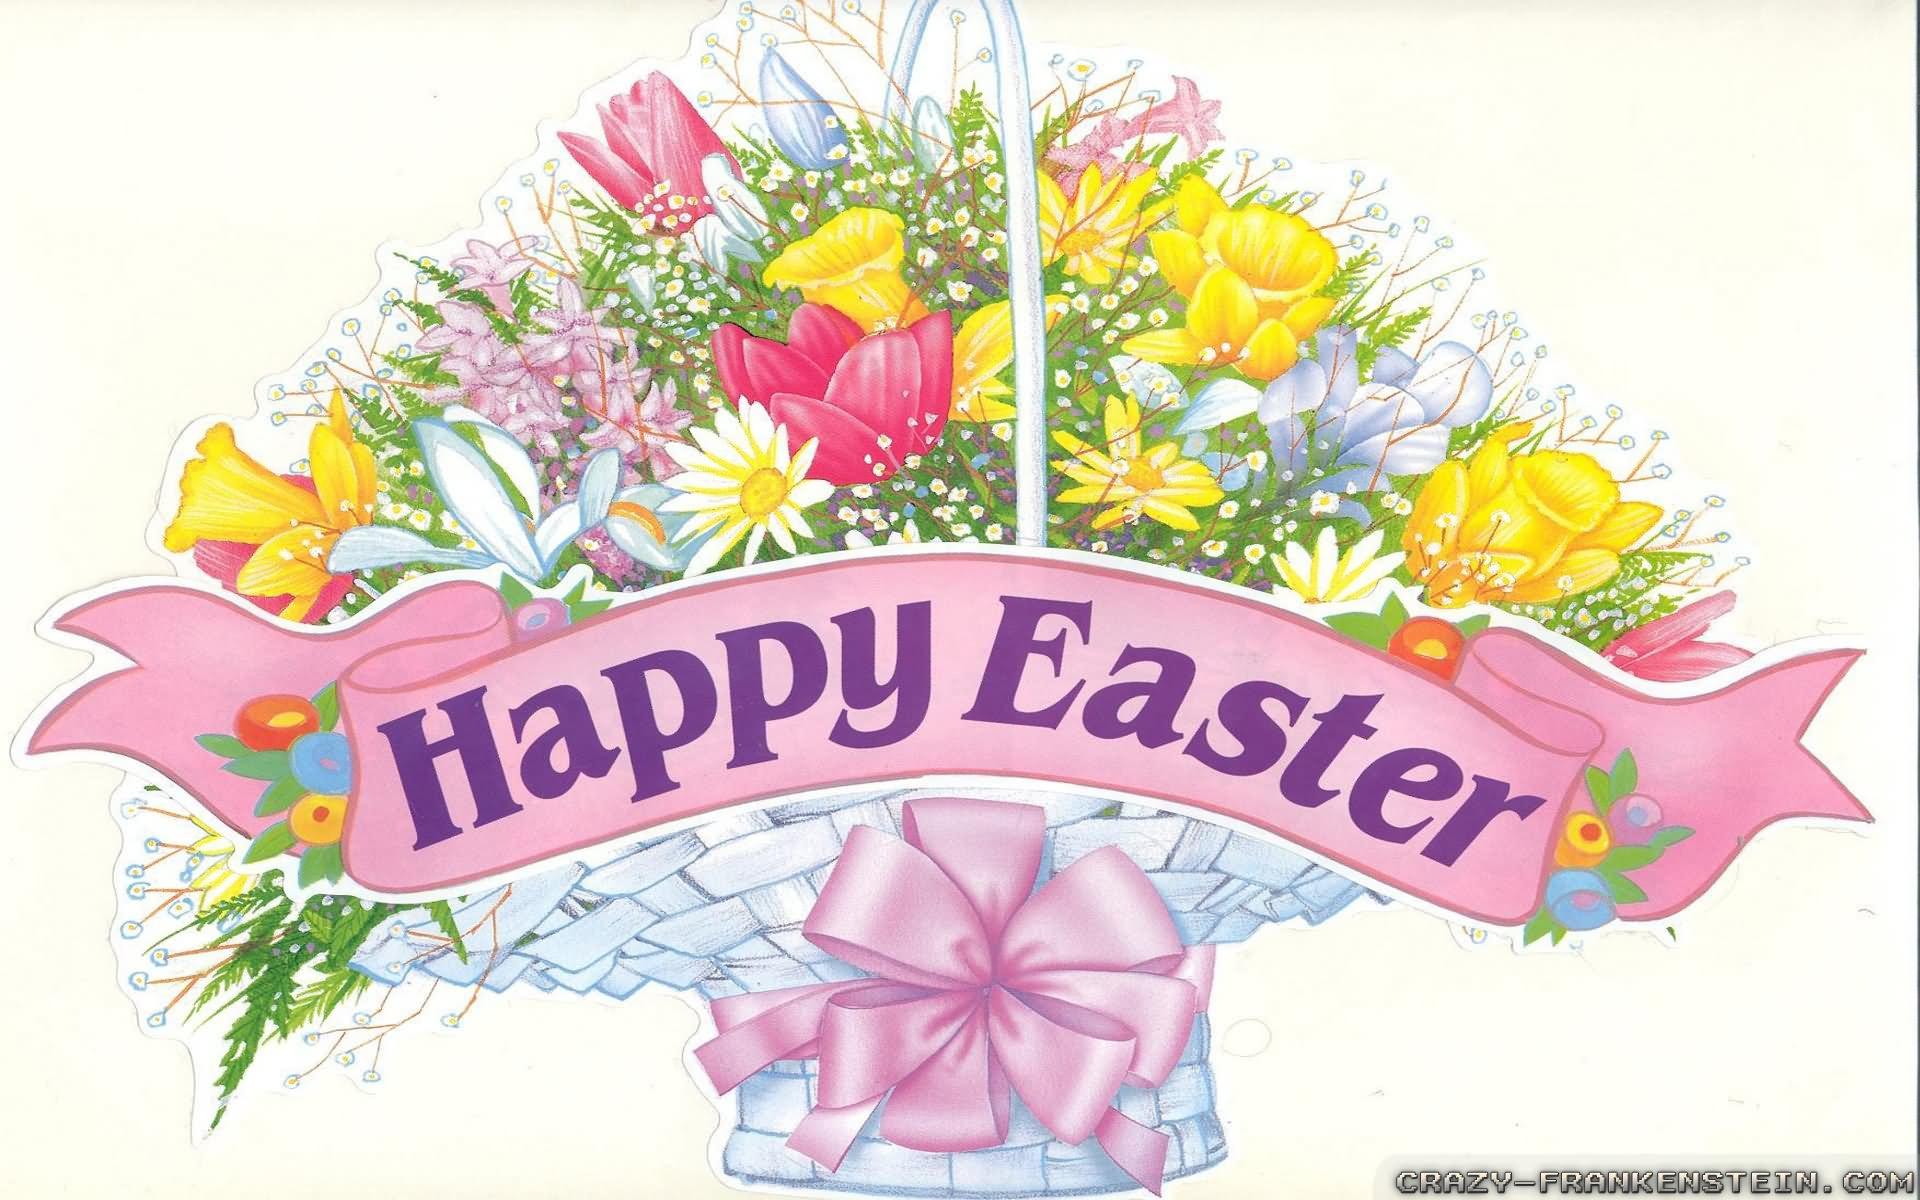 https://www.askideas.com/media/30/Happy-Easter-Flowers-Bouquet.jpg